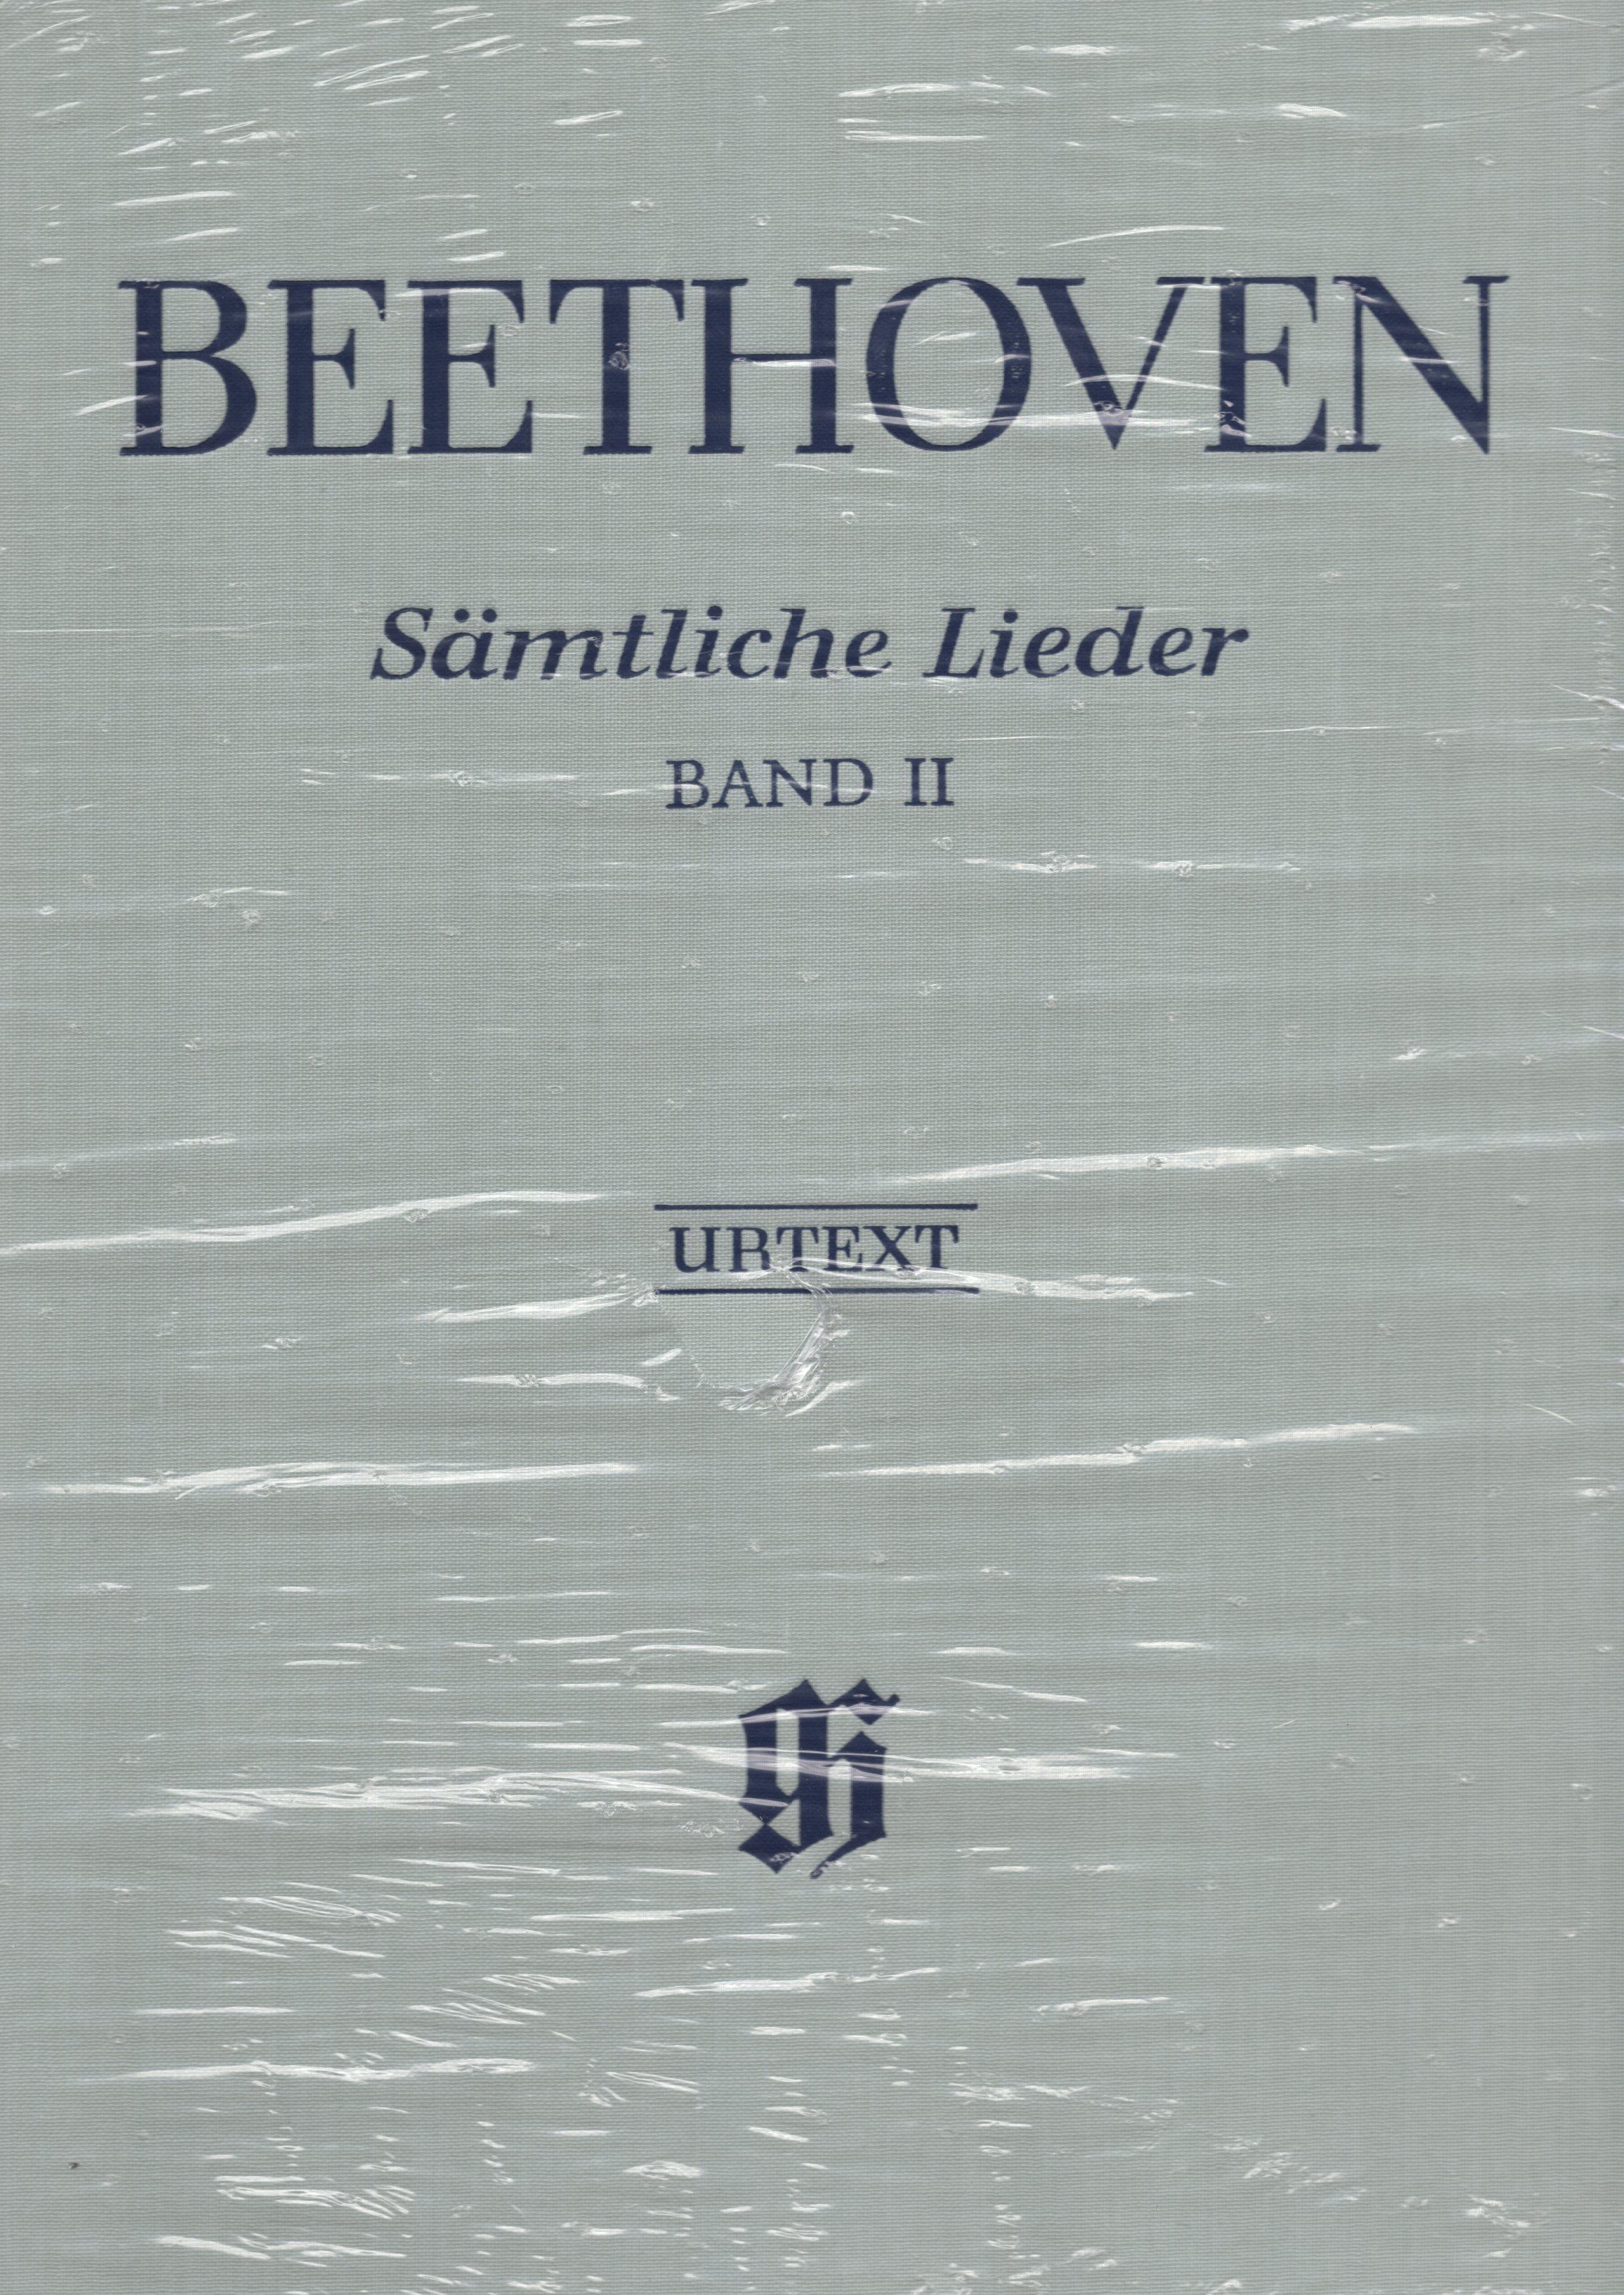 【聲樂樂譜】貝多芬完整藝術歌曲集(原典版) 第二冊 Ludwig van Beethoven: Smtliche Lieder (Urtext) Band 2